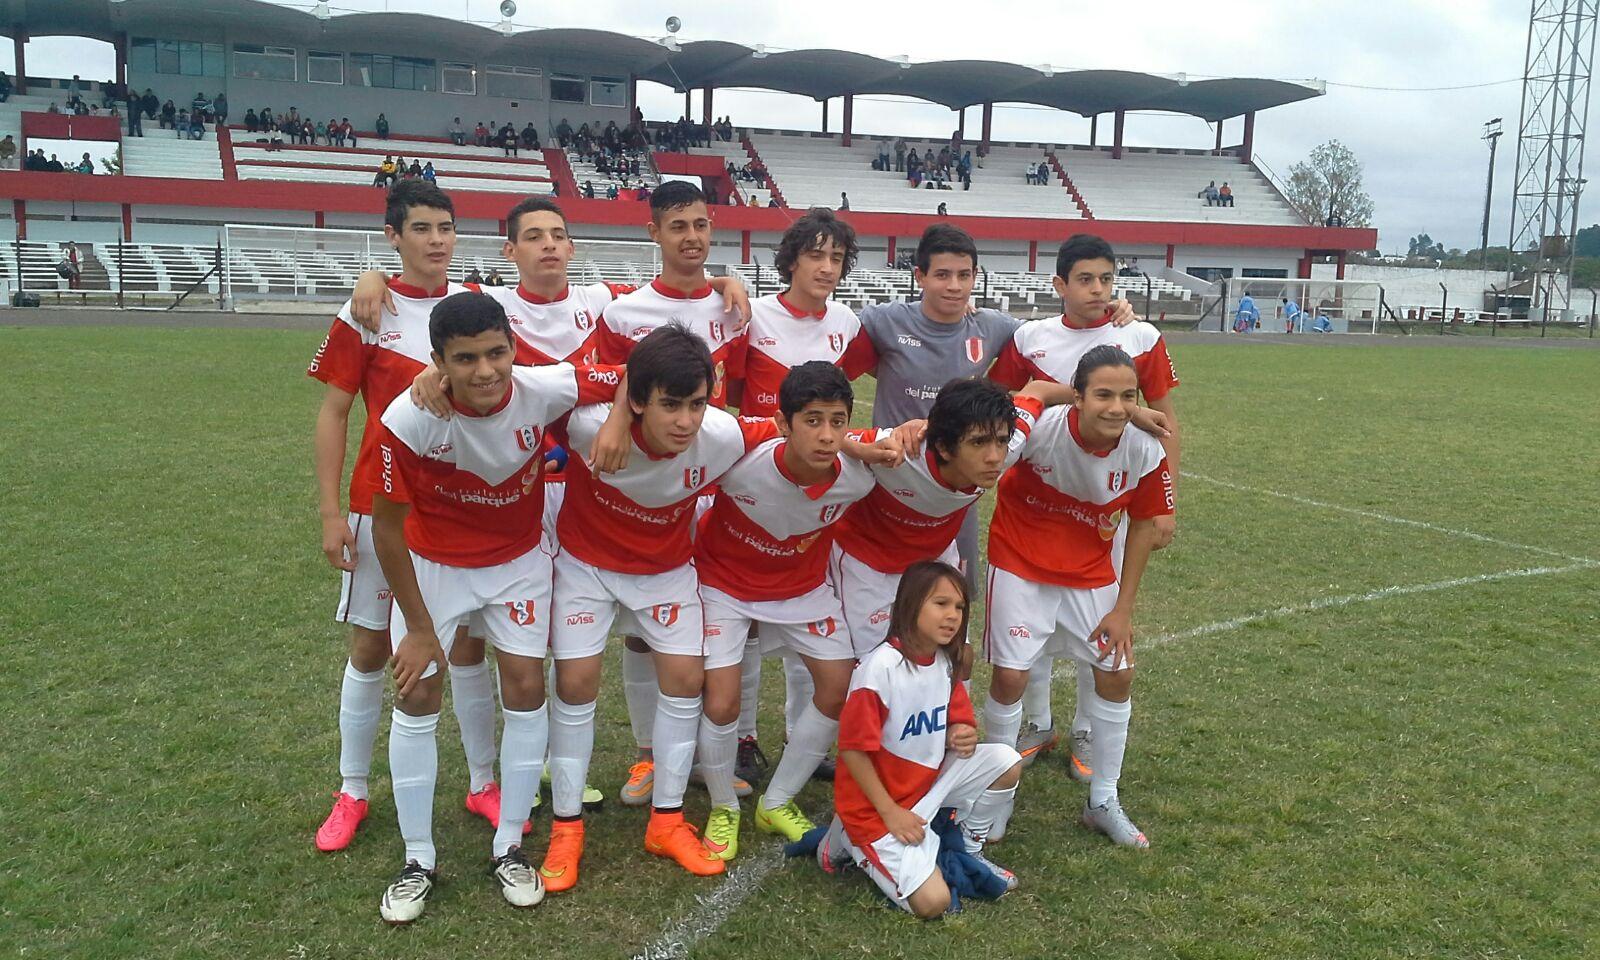 Selección juvenil de Tacuarembó con el pie derecho